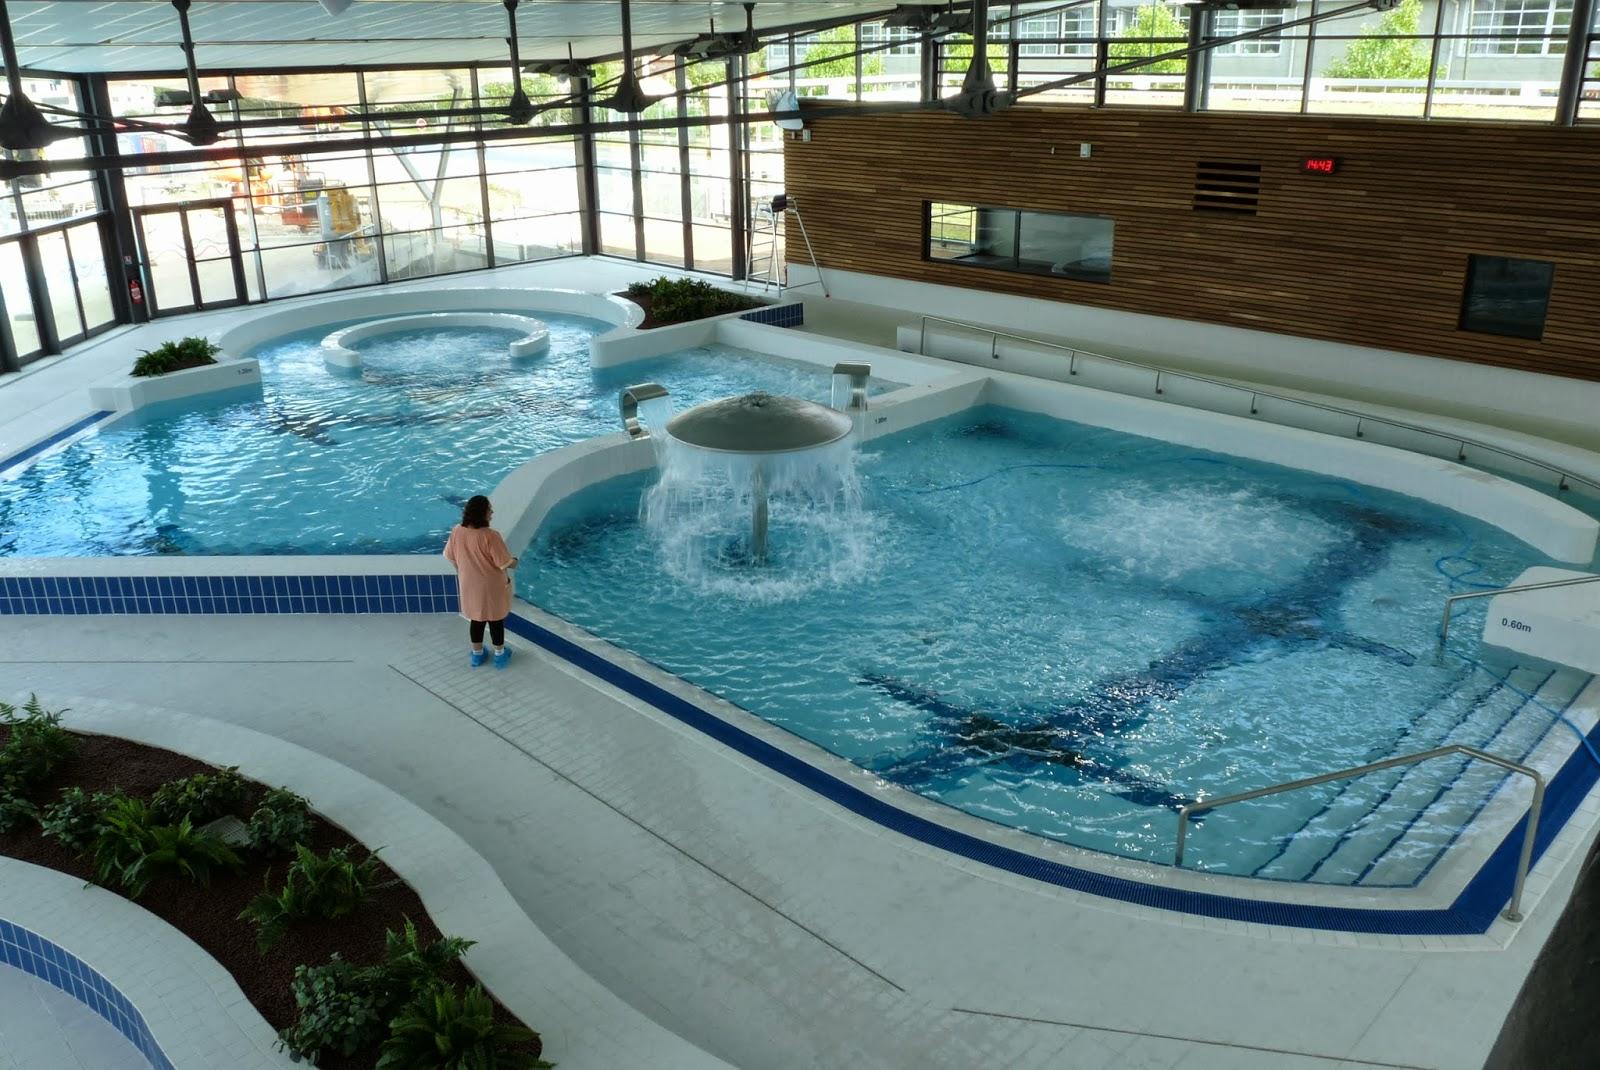 Adeve: Inauguration Du Centre Aquatique La Vague À Palaiseau. dedans Horaire Piscine Palaiseau